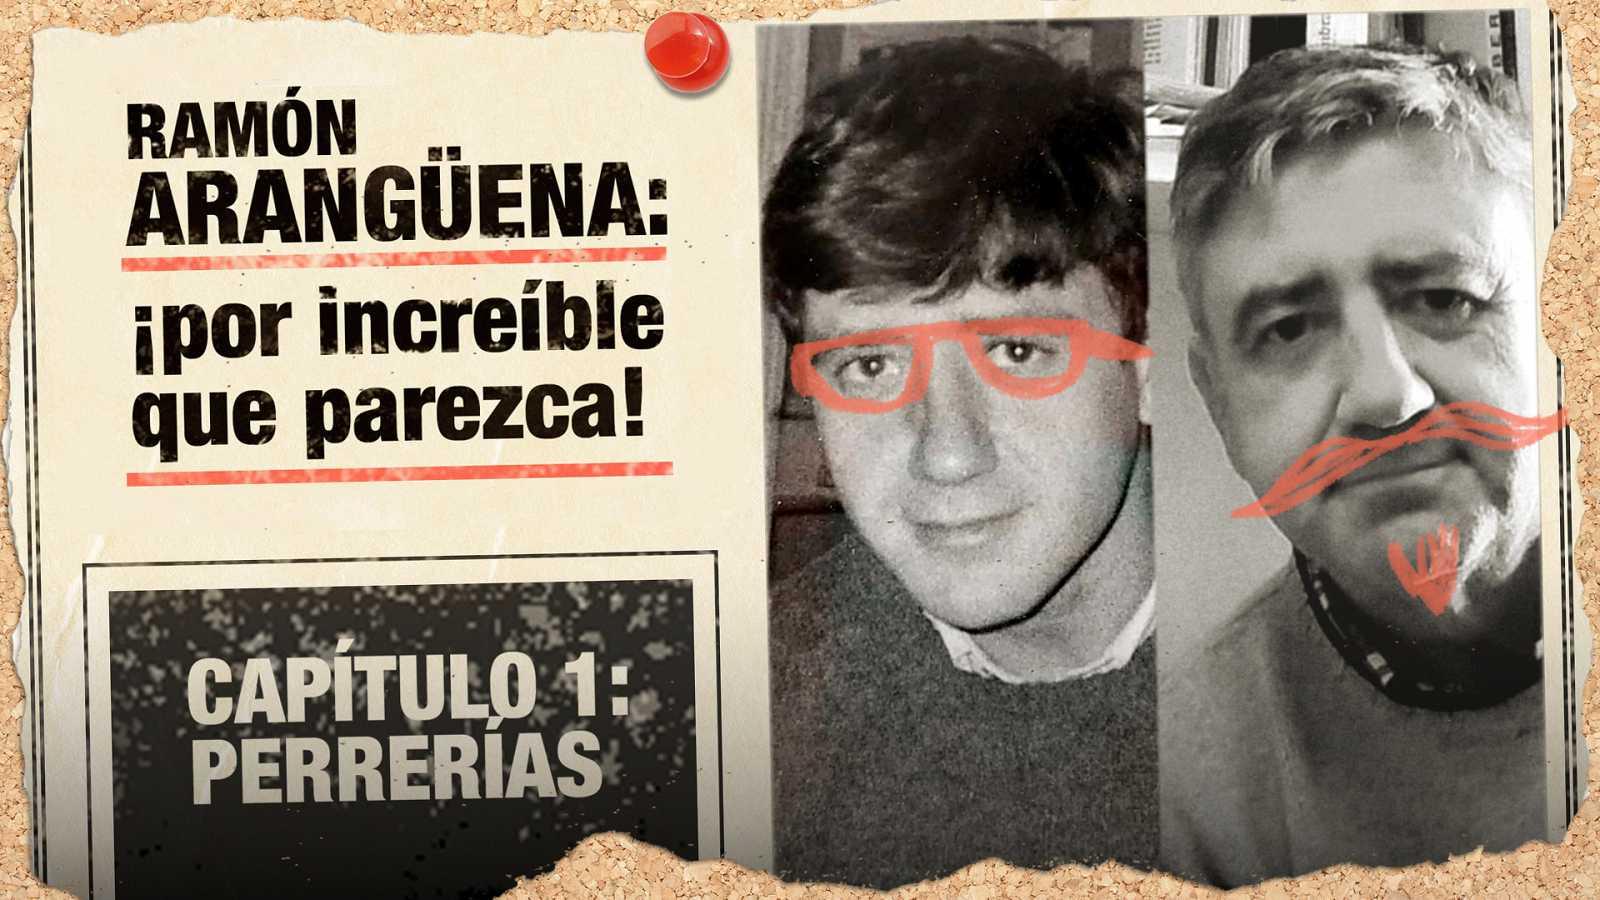 Ramón Arangüena: ¡Por increíble que parezca! - Capítulo 1: Perrerías - Escuchar ahora